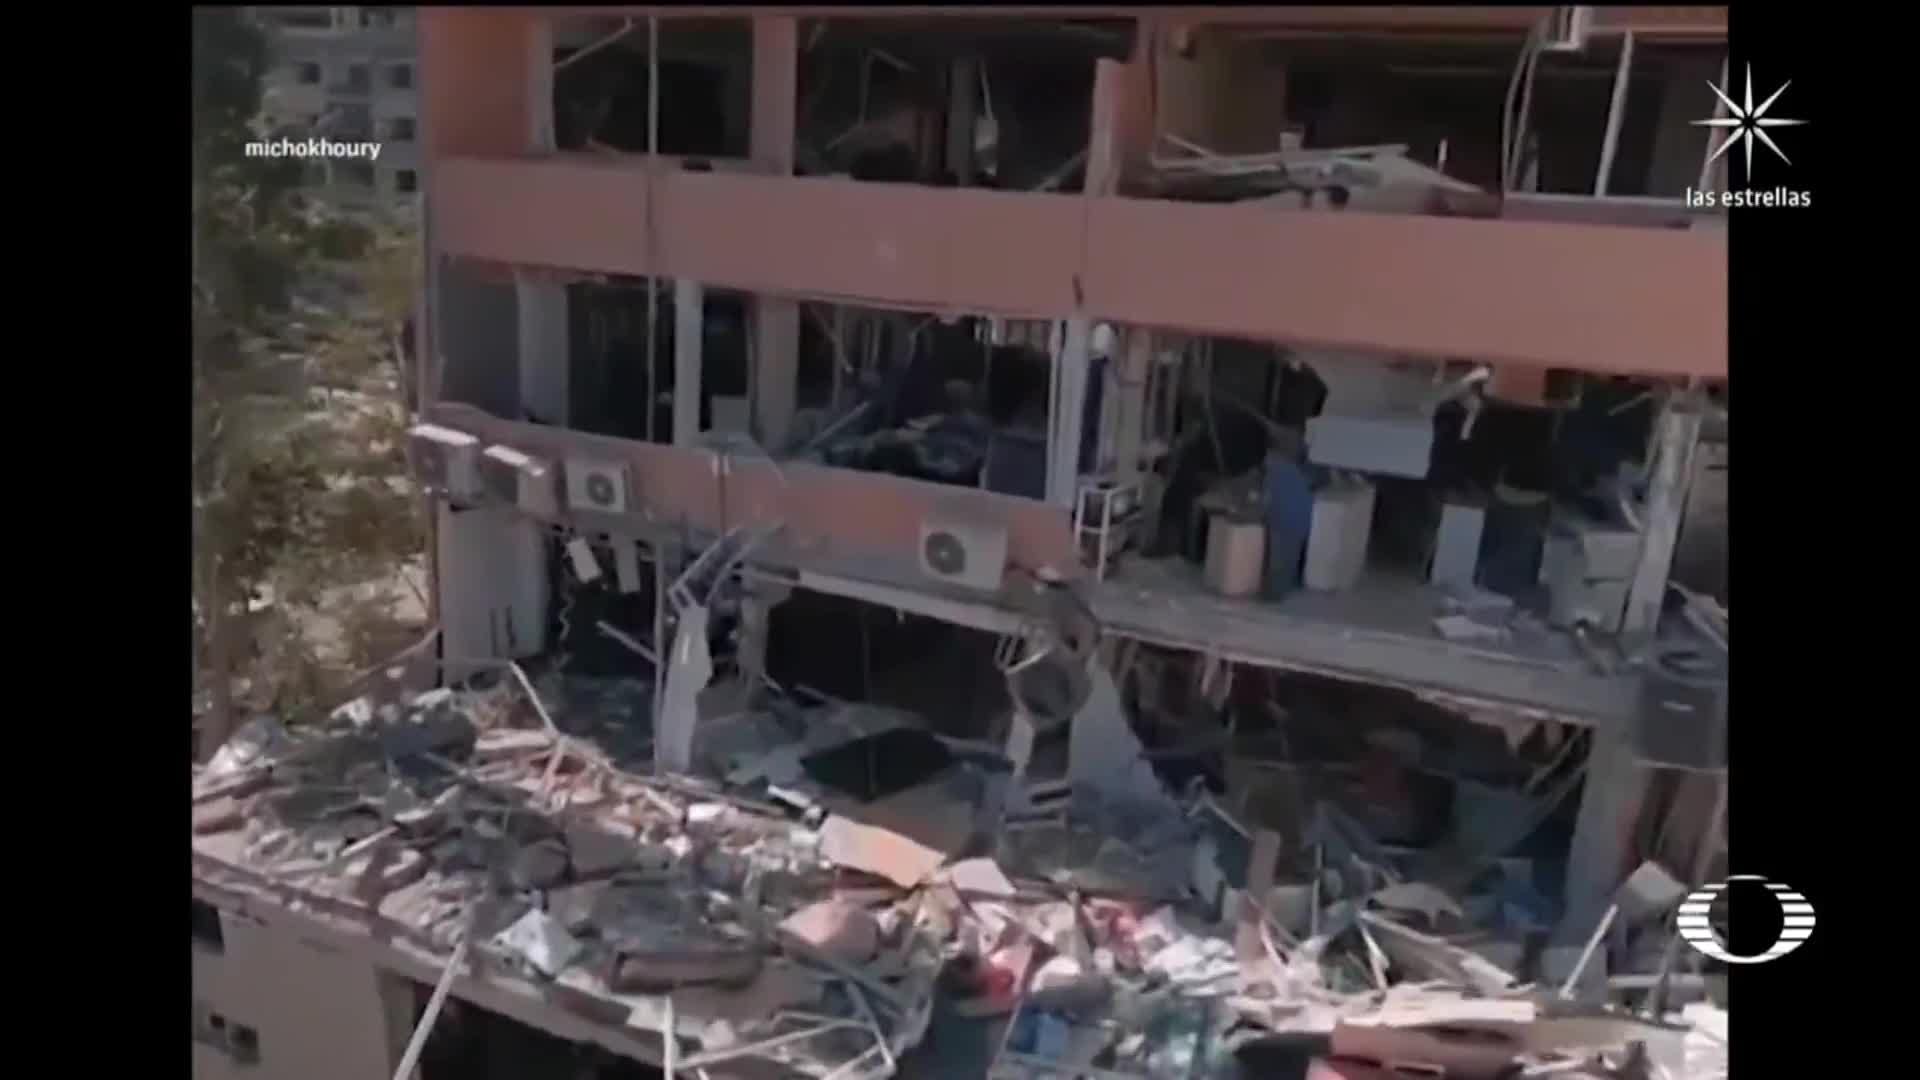 drone registra danos tras explosion en beirut